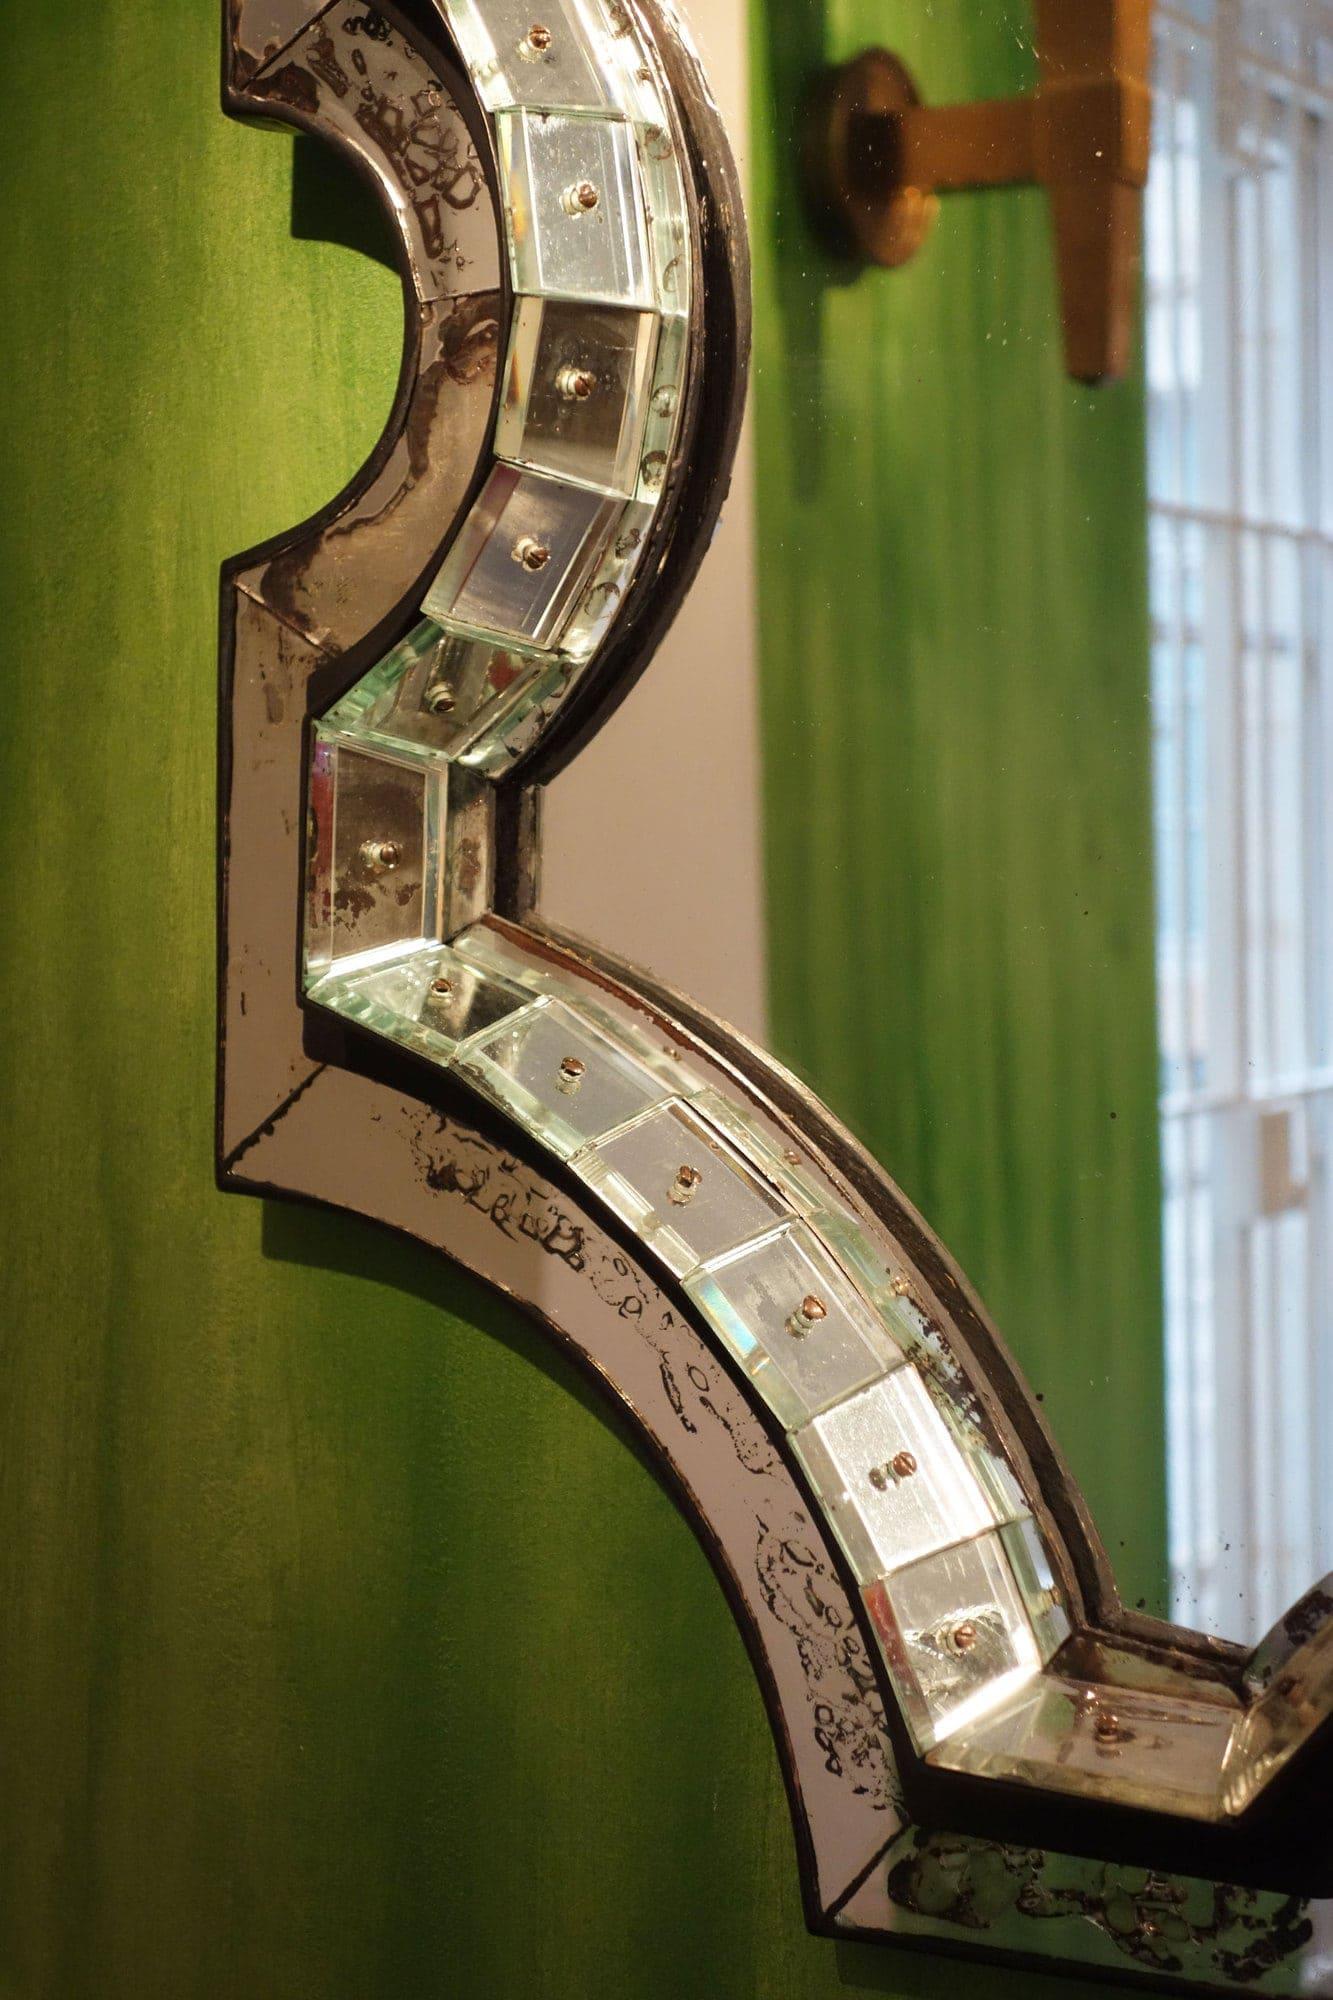 Serge Roche, Exceptionnal Mirror, vue 02